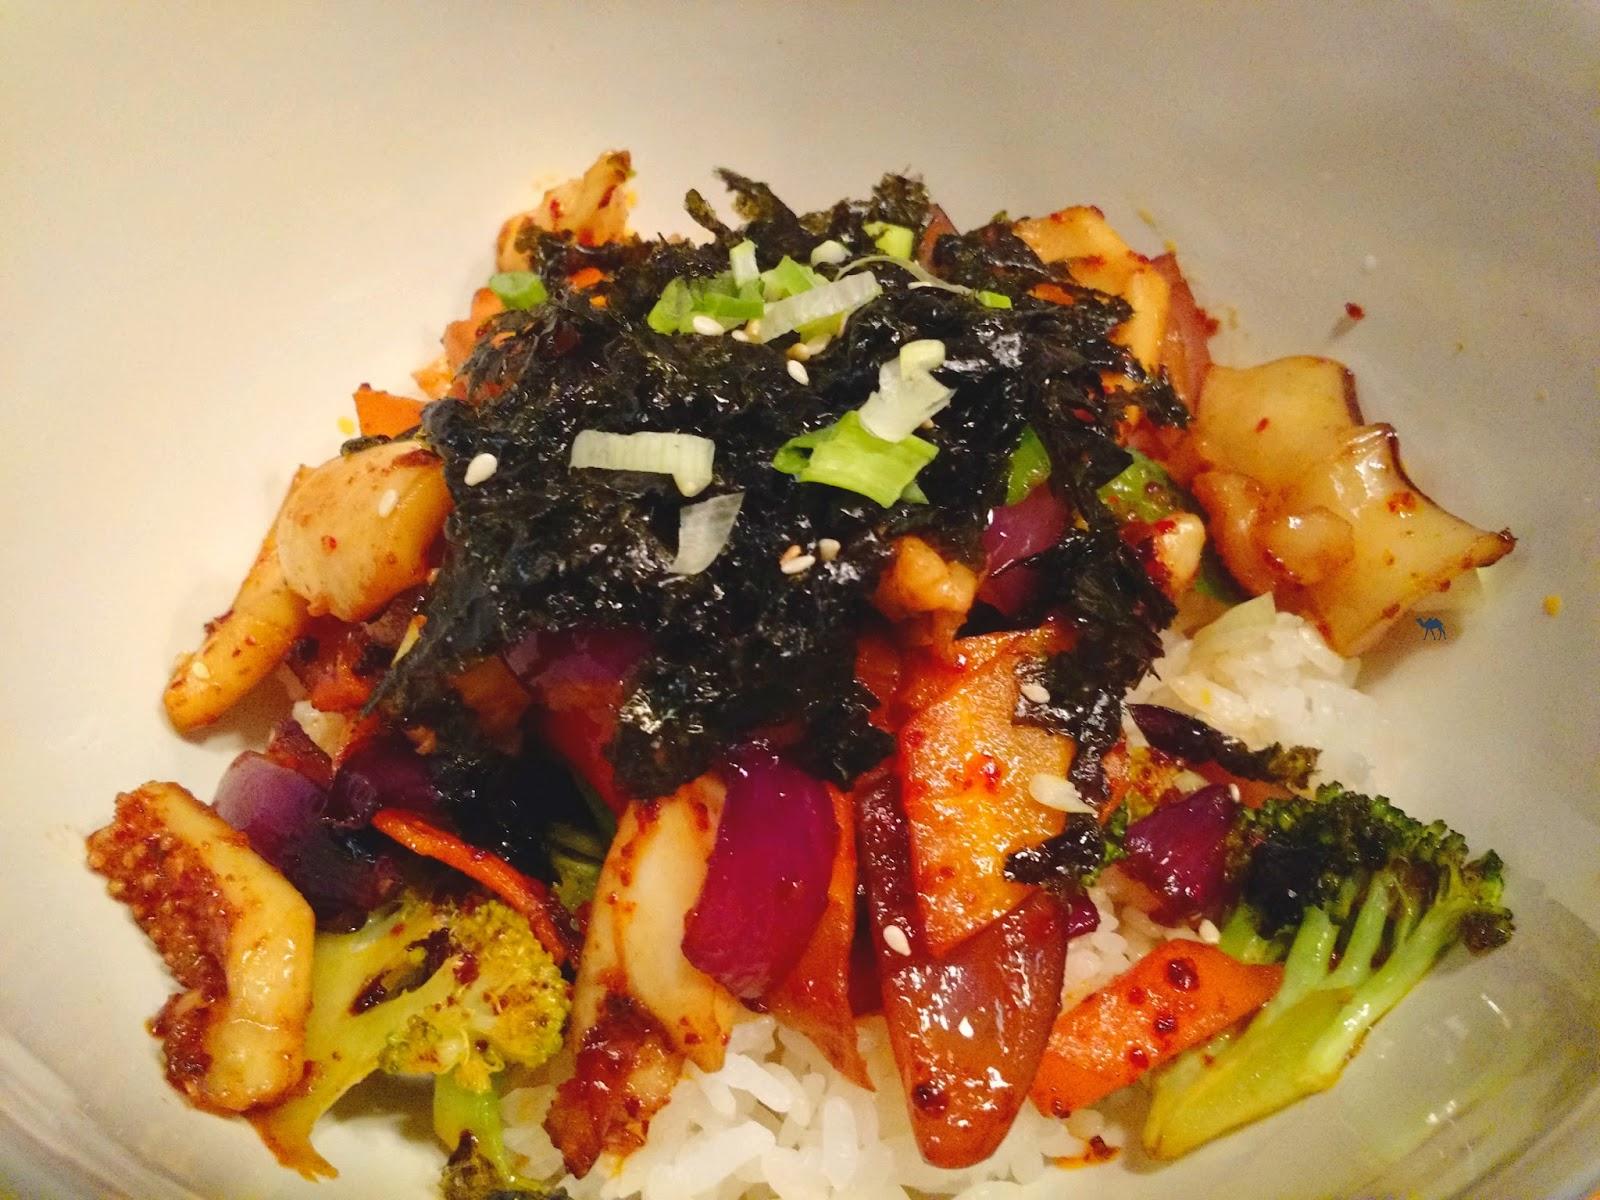 Le Chameau Bleu - Blog Gastronomie Mee Bistro Coréen Paris - Ojingho Bokum chez Mee - Plat Coréen